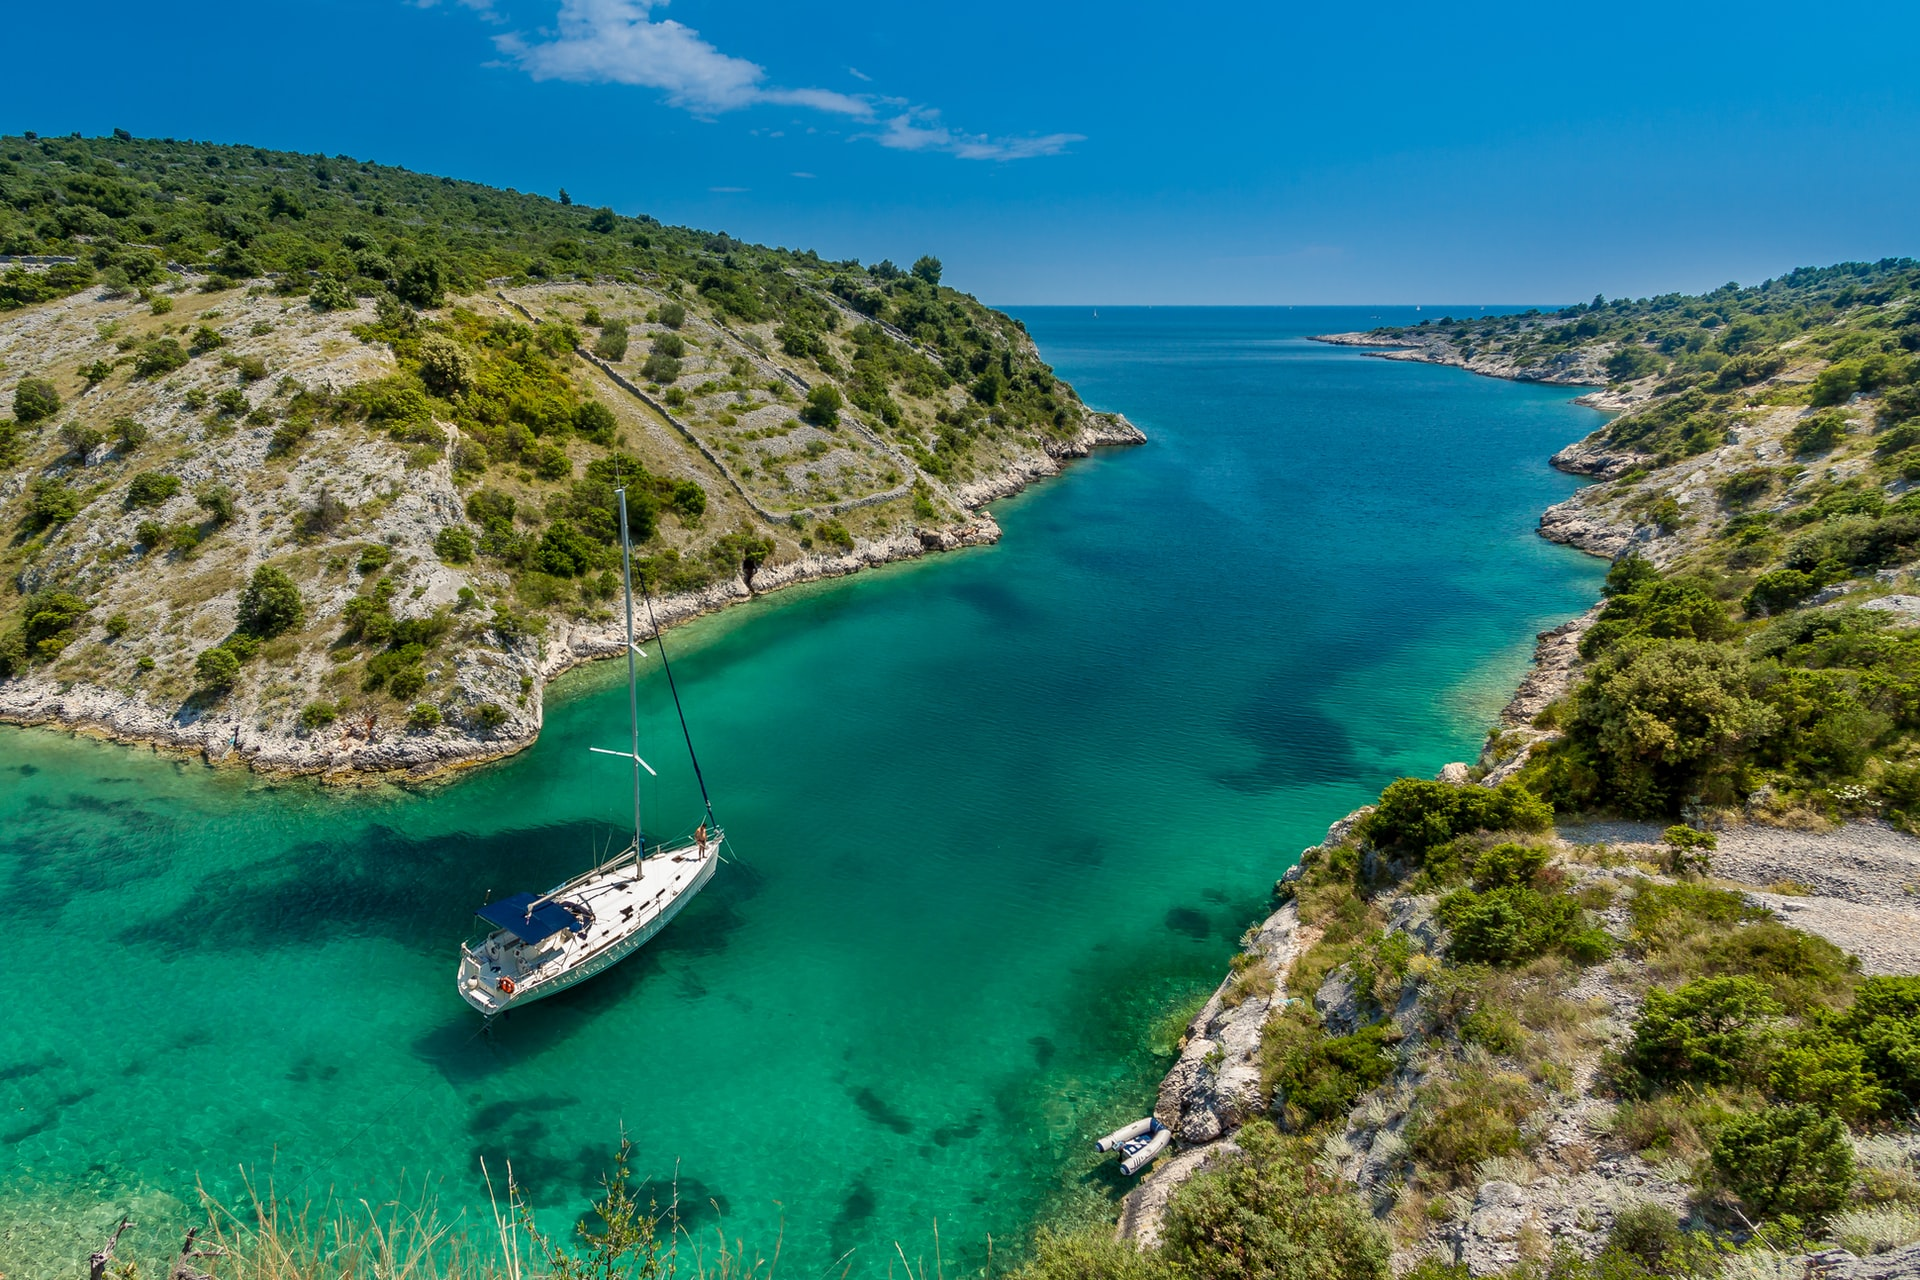 Zeilboot in Trogir, Kroatië (foto: Sergii Gulenok)